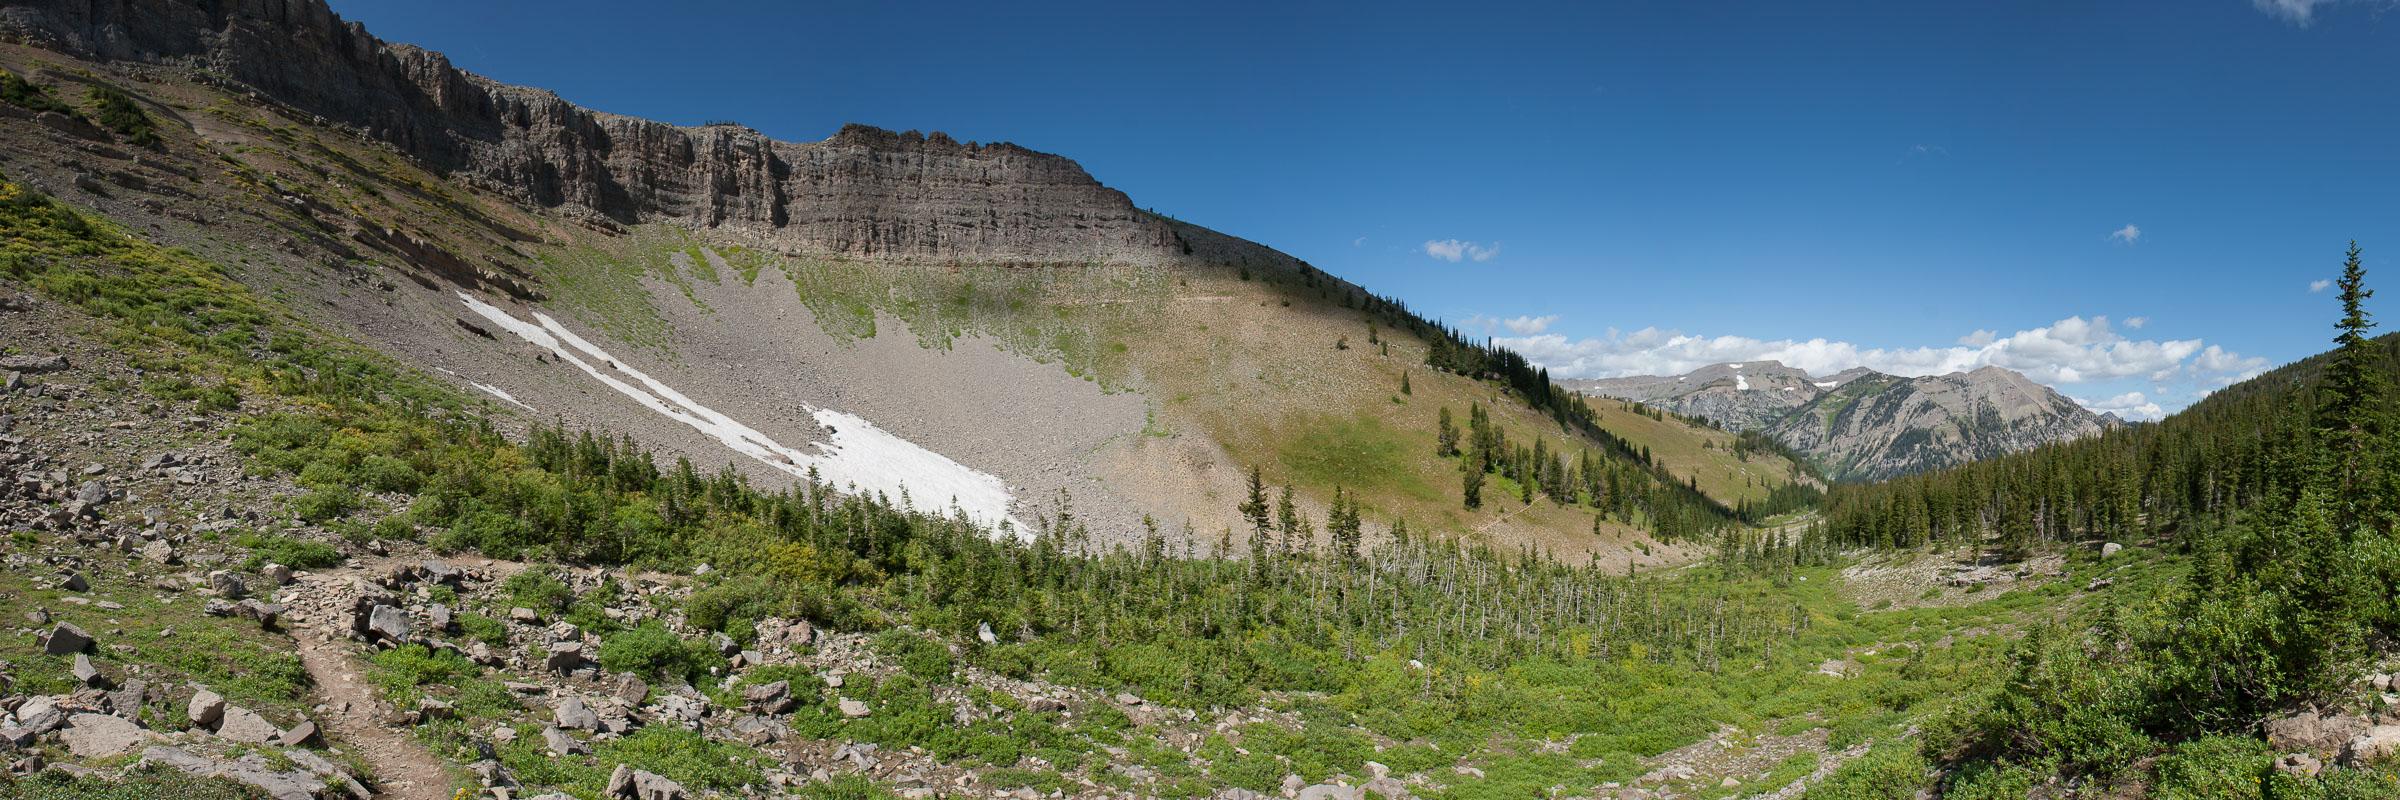 Rendezvous mountain trail, Tetons